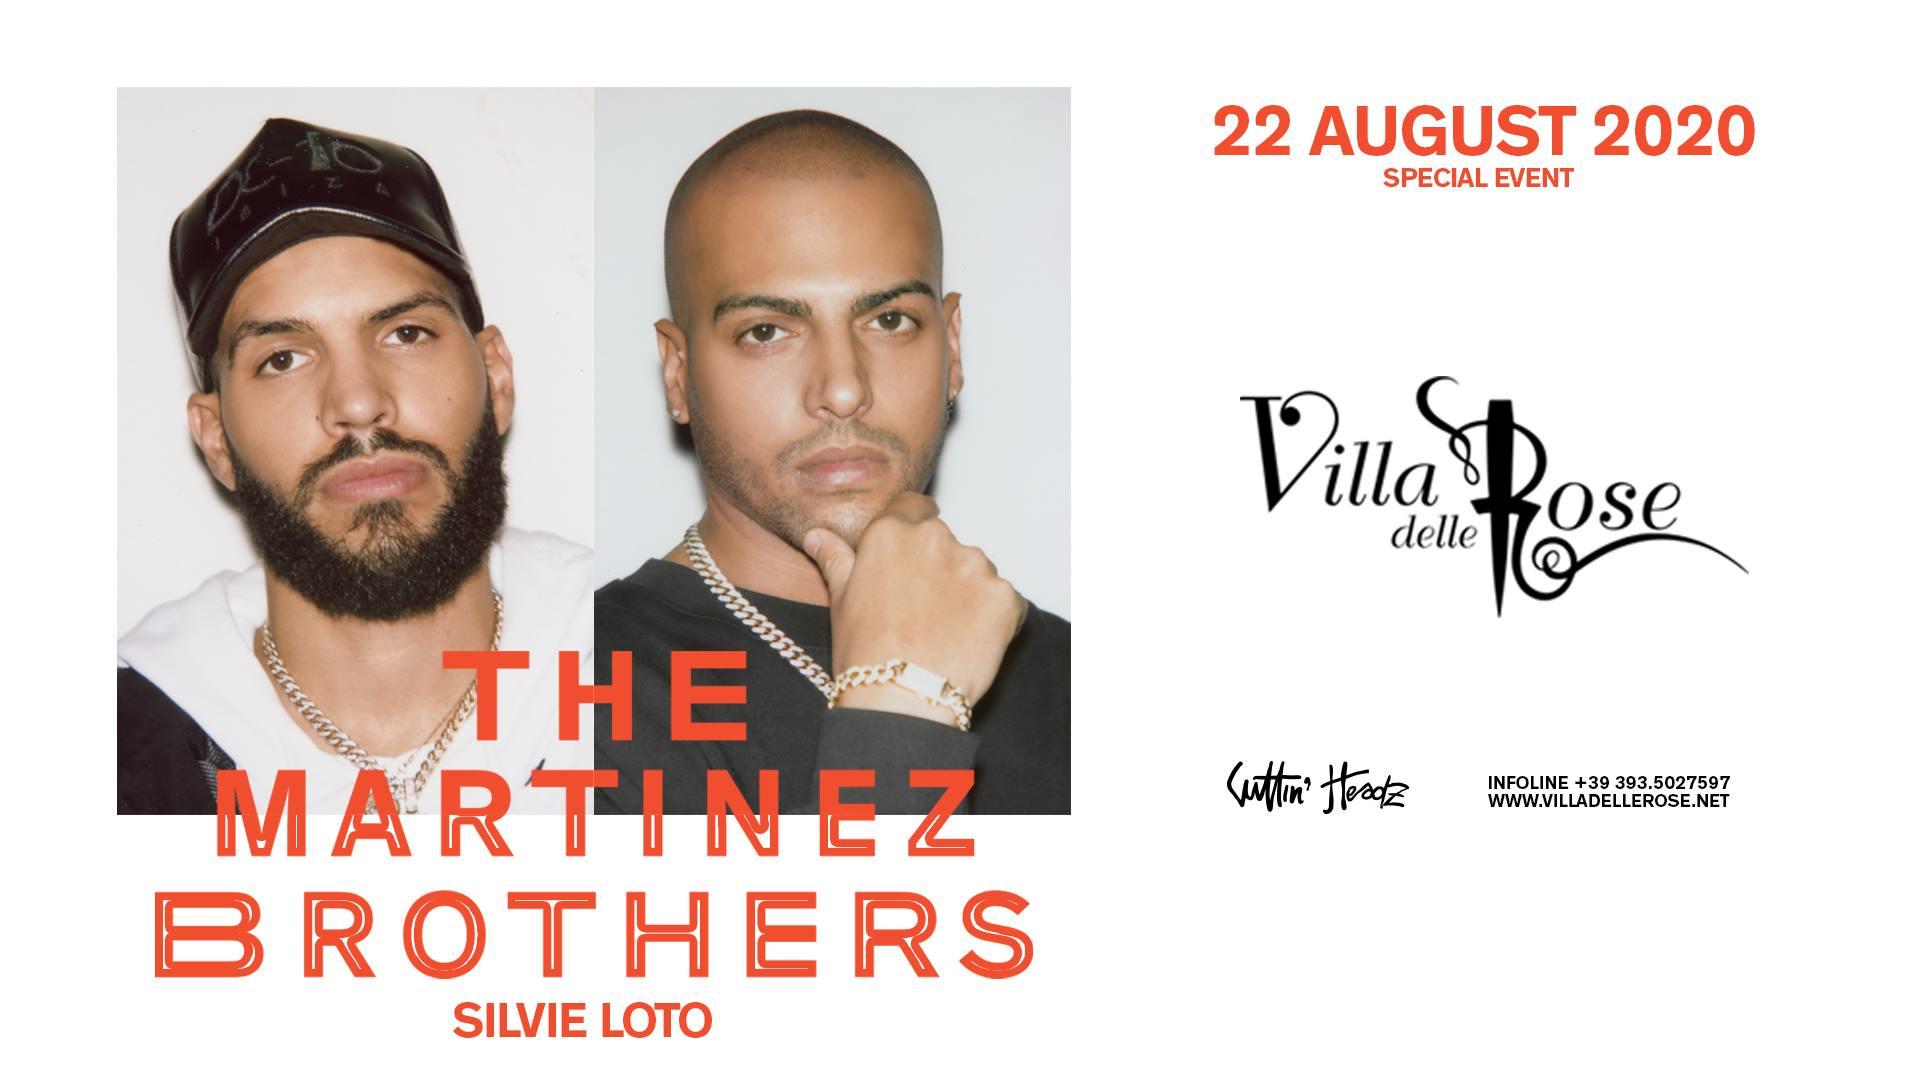 Villa delle Rose Riccione, The Martinez Brothers guest